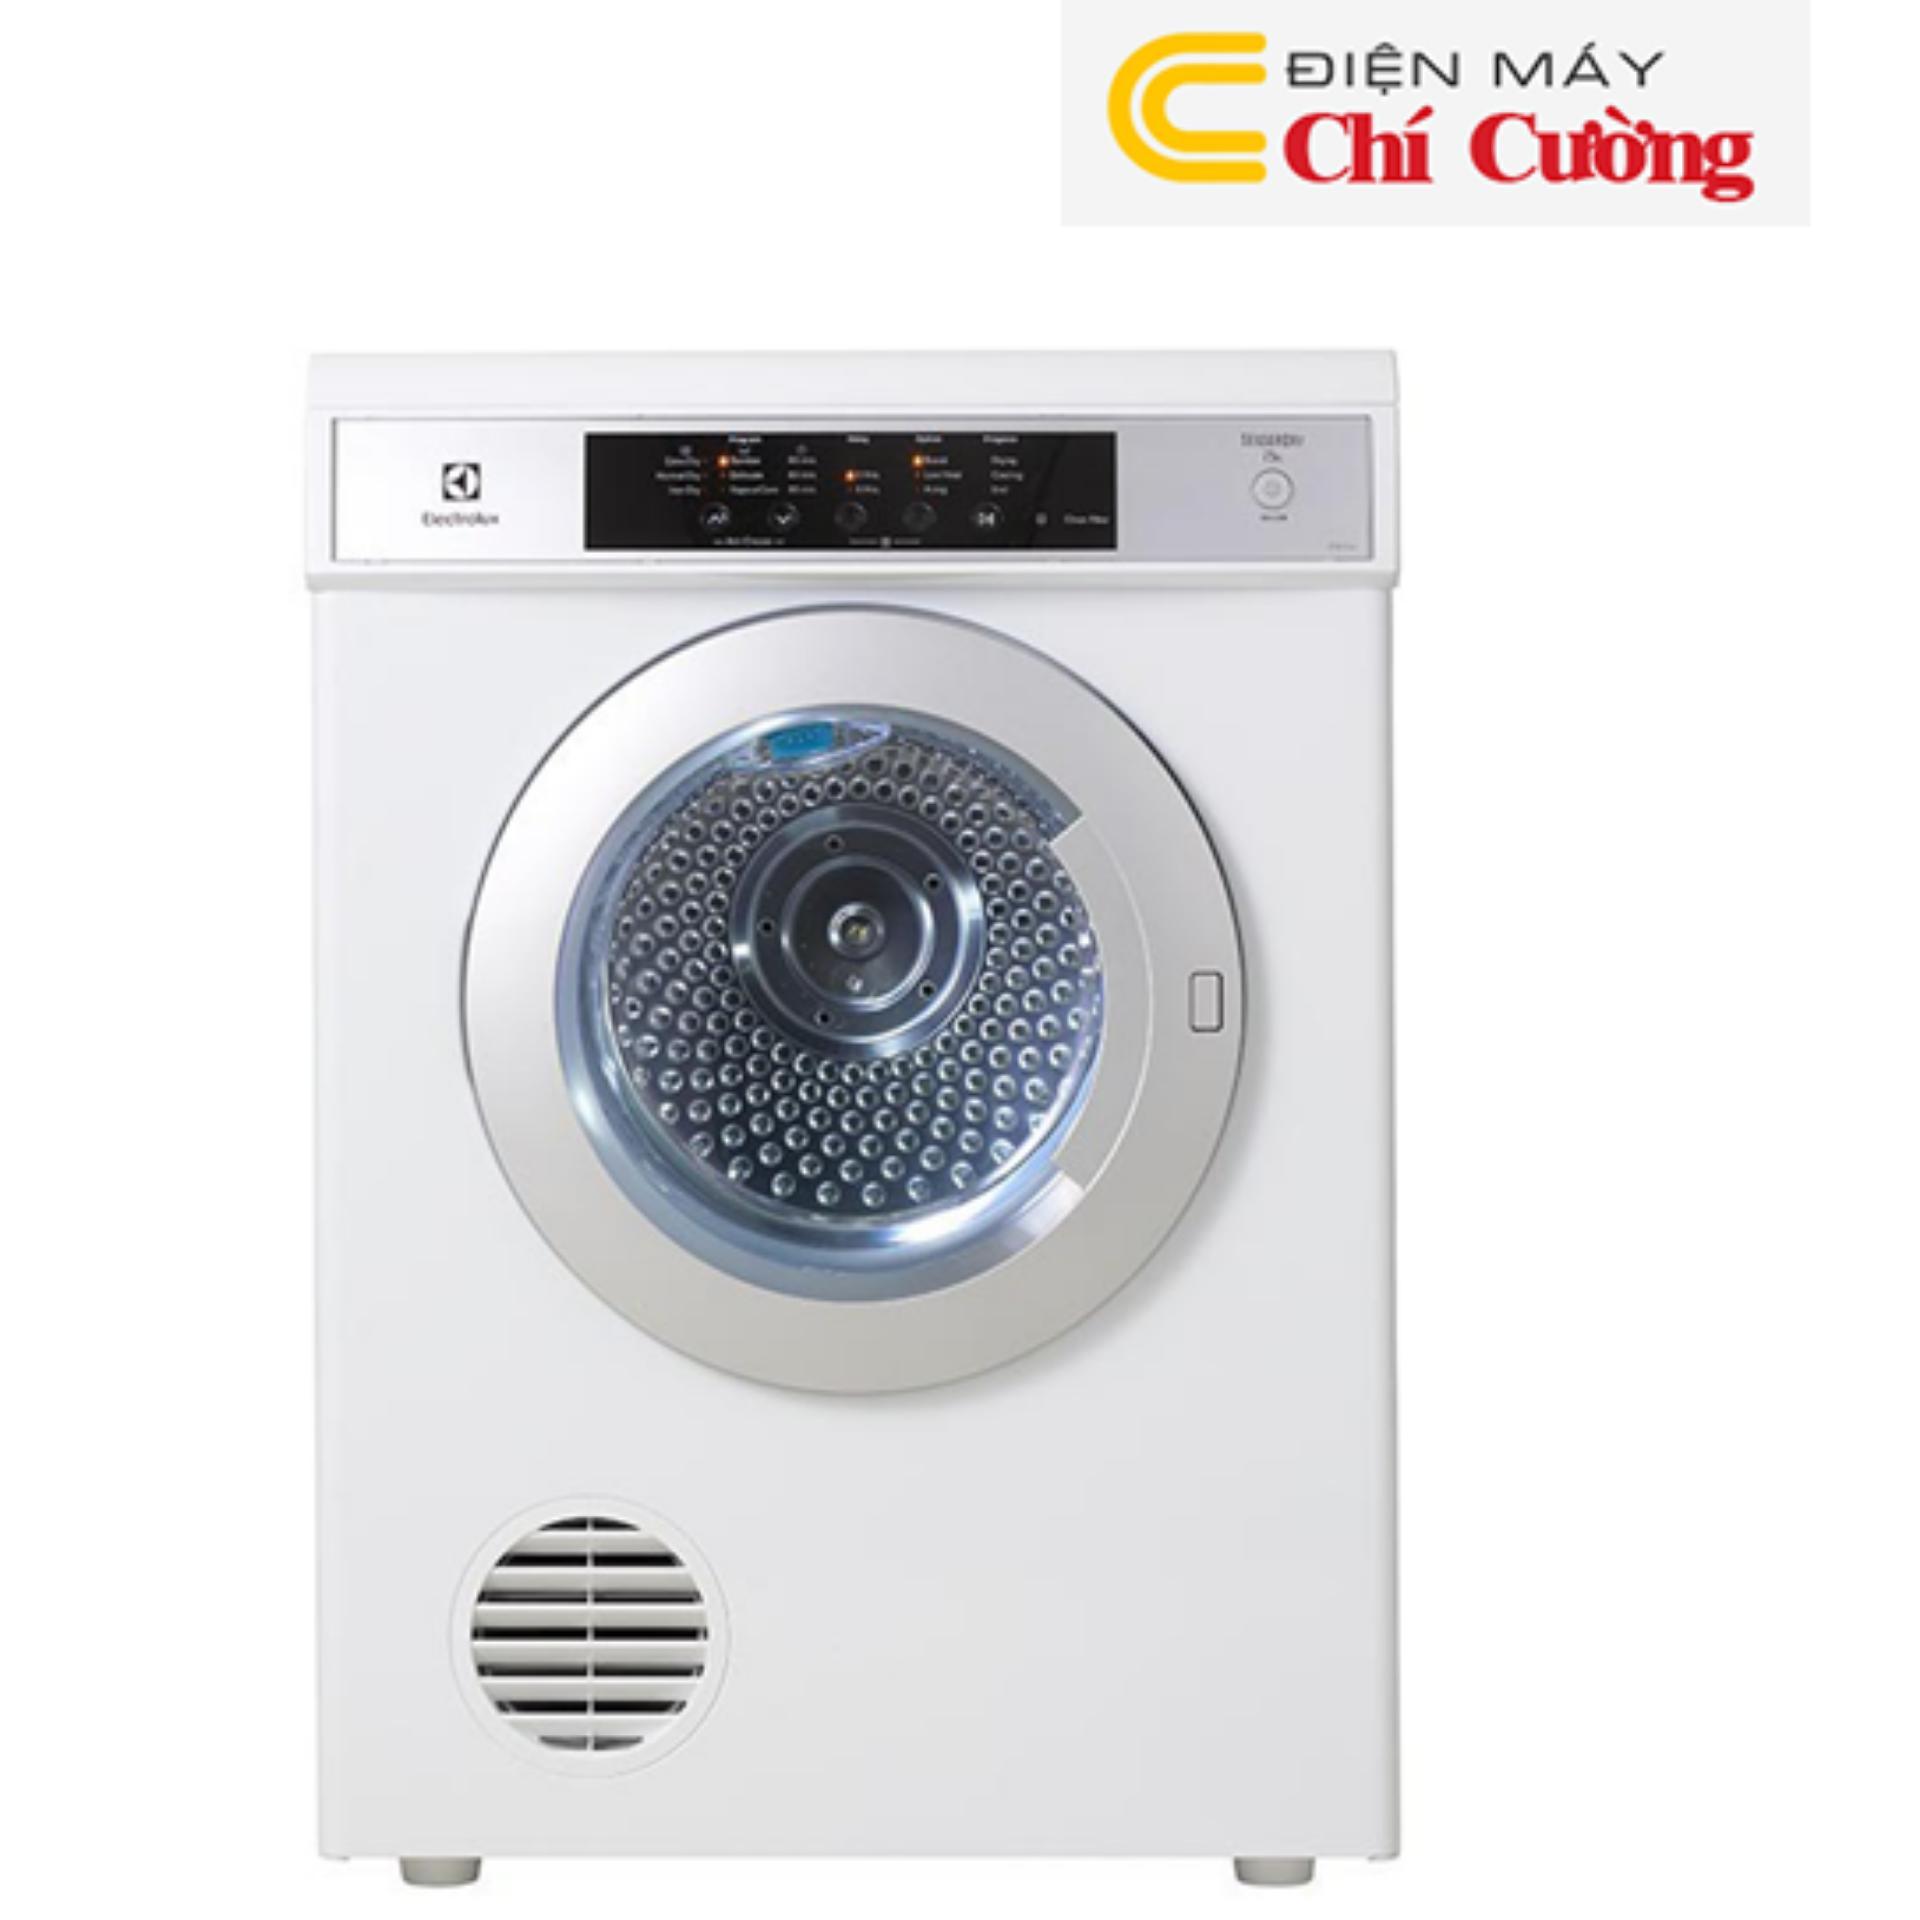 Máy sấy quần áo Electrolux EDS7552-7.5kg(Trắng)